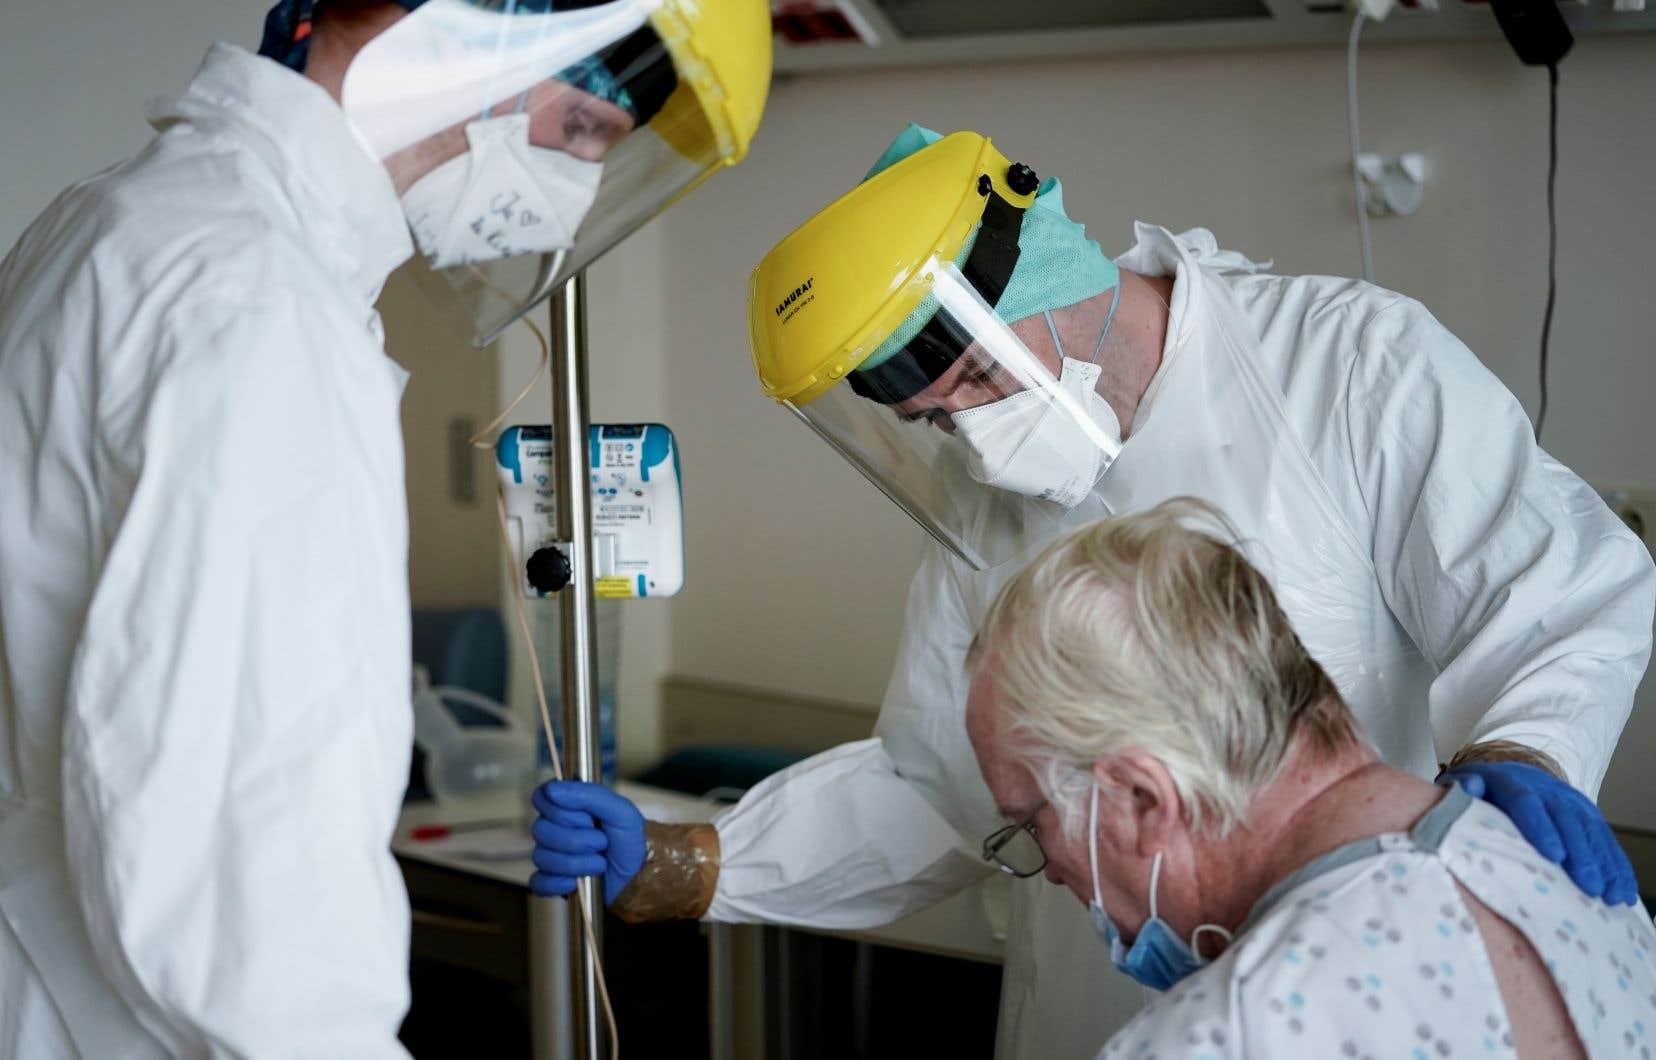 Des membres du personnel médical rendent visite à un patient atteint de la COVID-10 à l'hôpital Erasme, à Bruxelles. Parmi les pays les plus durement touchés, la Belgique est celui qui déplore le plus grand nombre de morts par rapport à sa population.